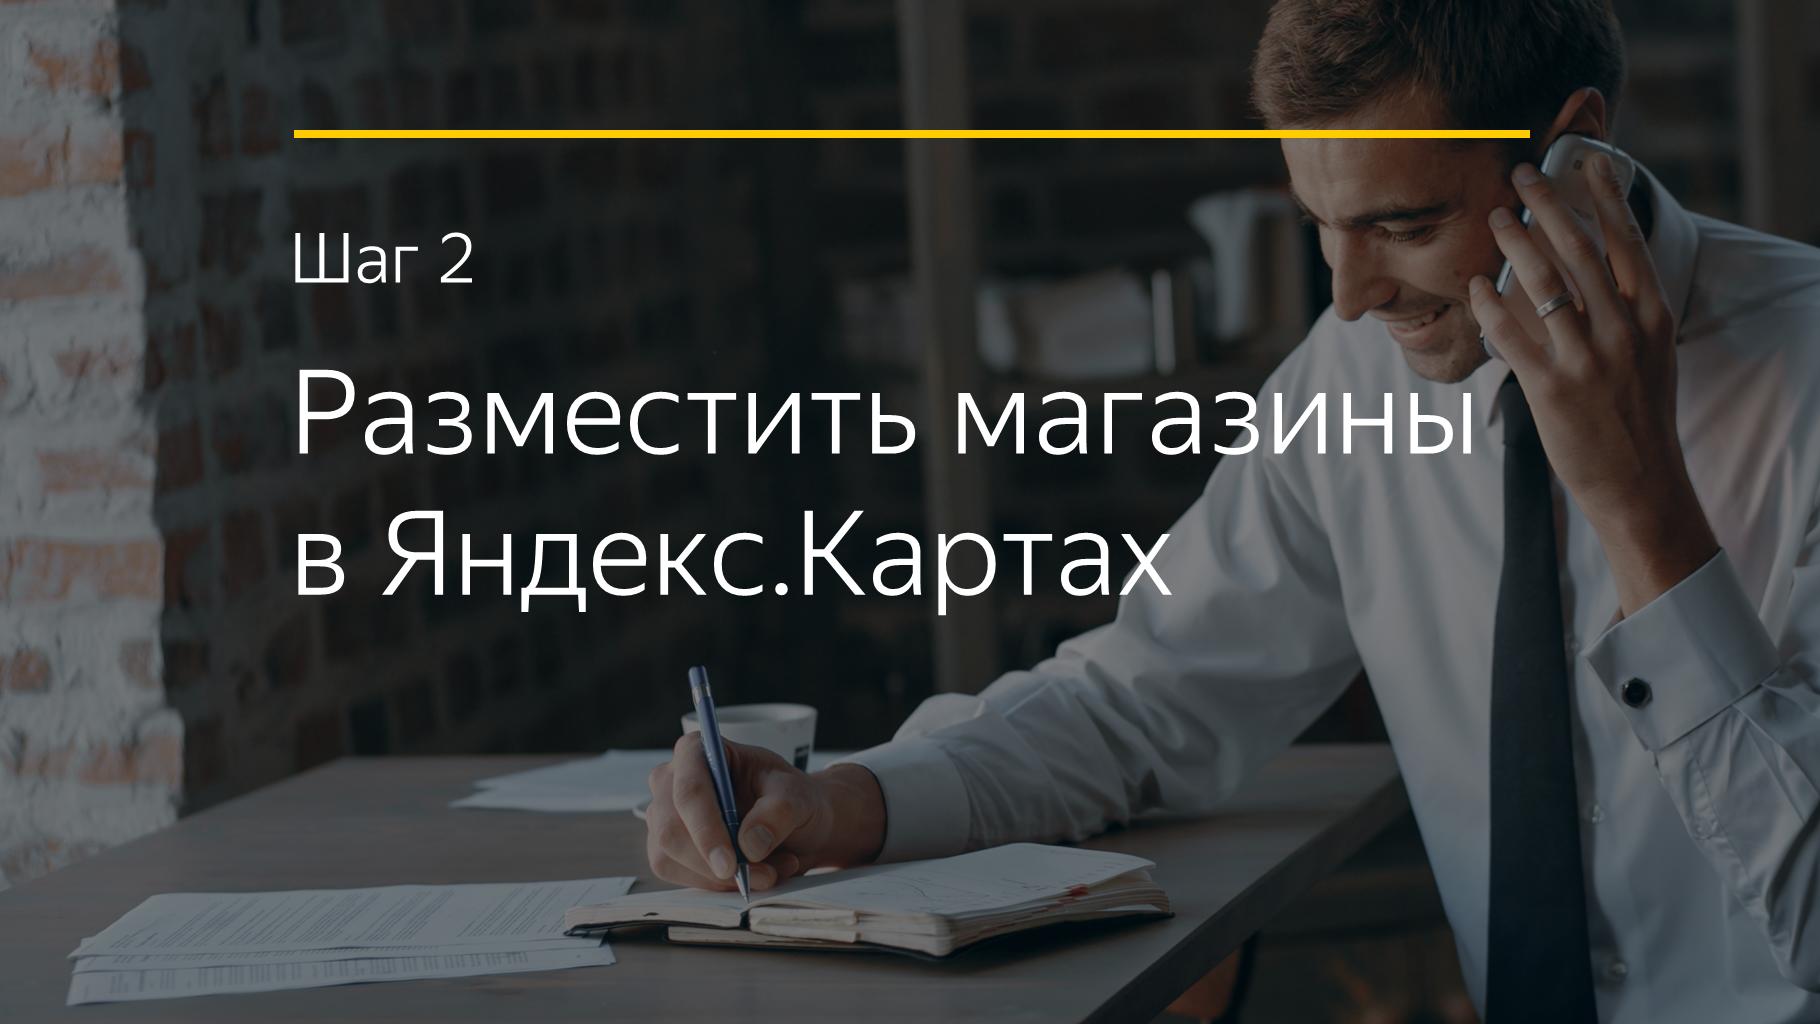 Шаг 2 Разместить магазины в Яндекс.Картах